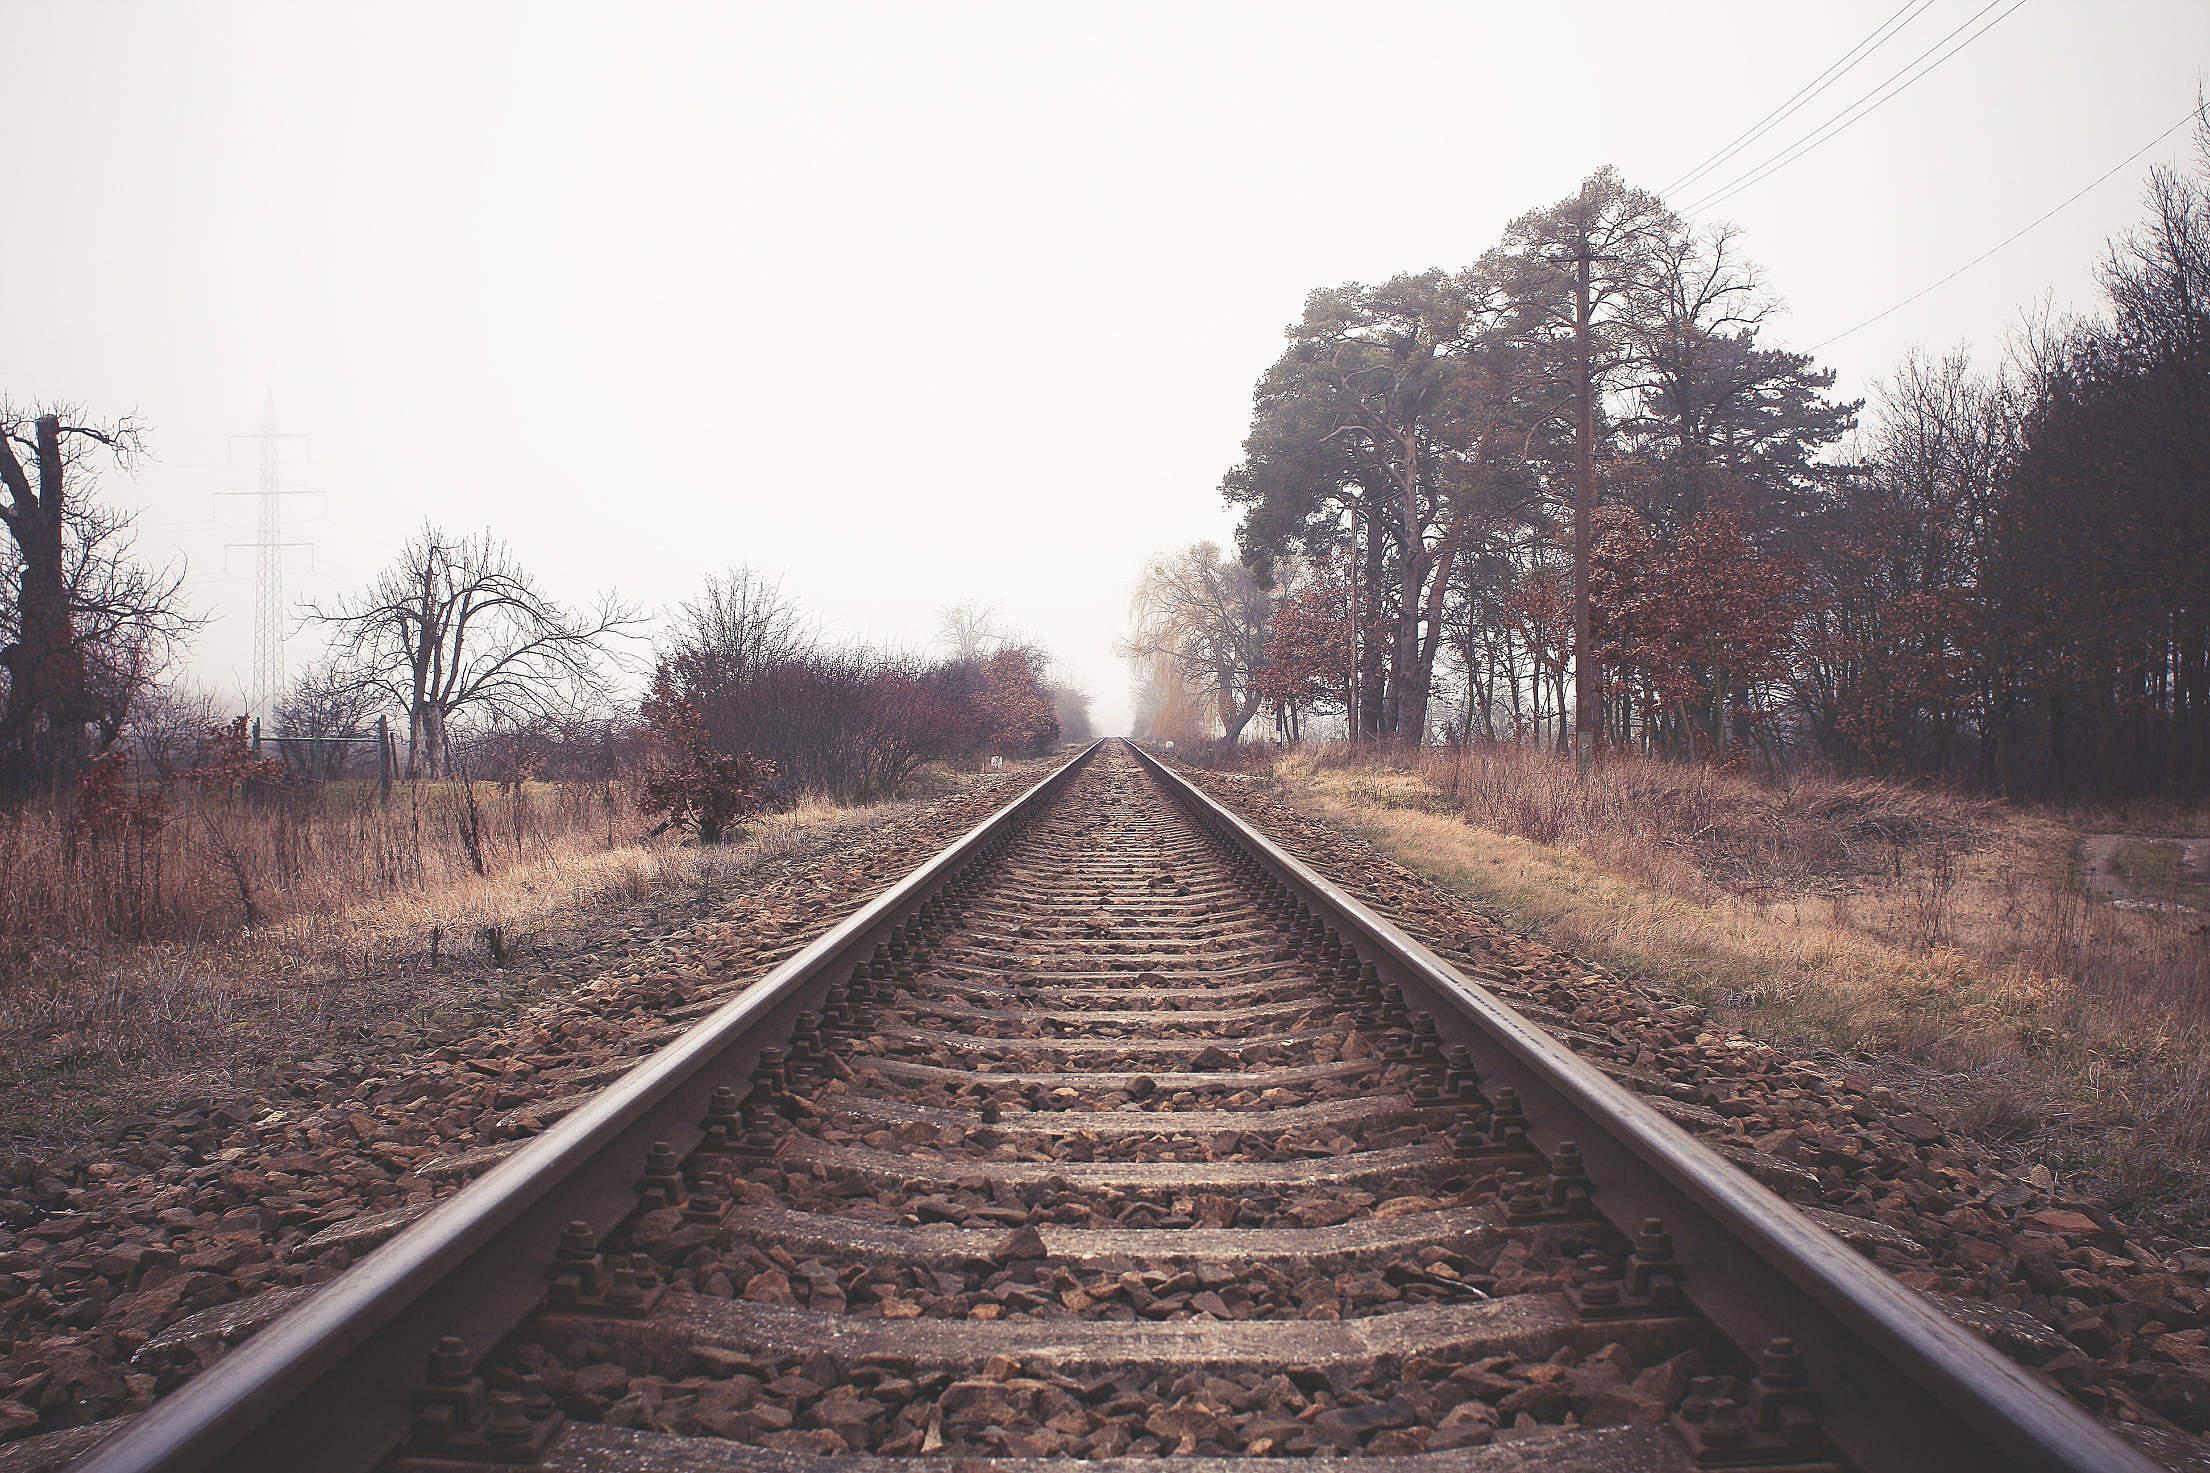 Endless Railway Free Stock Photo